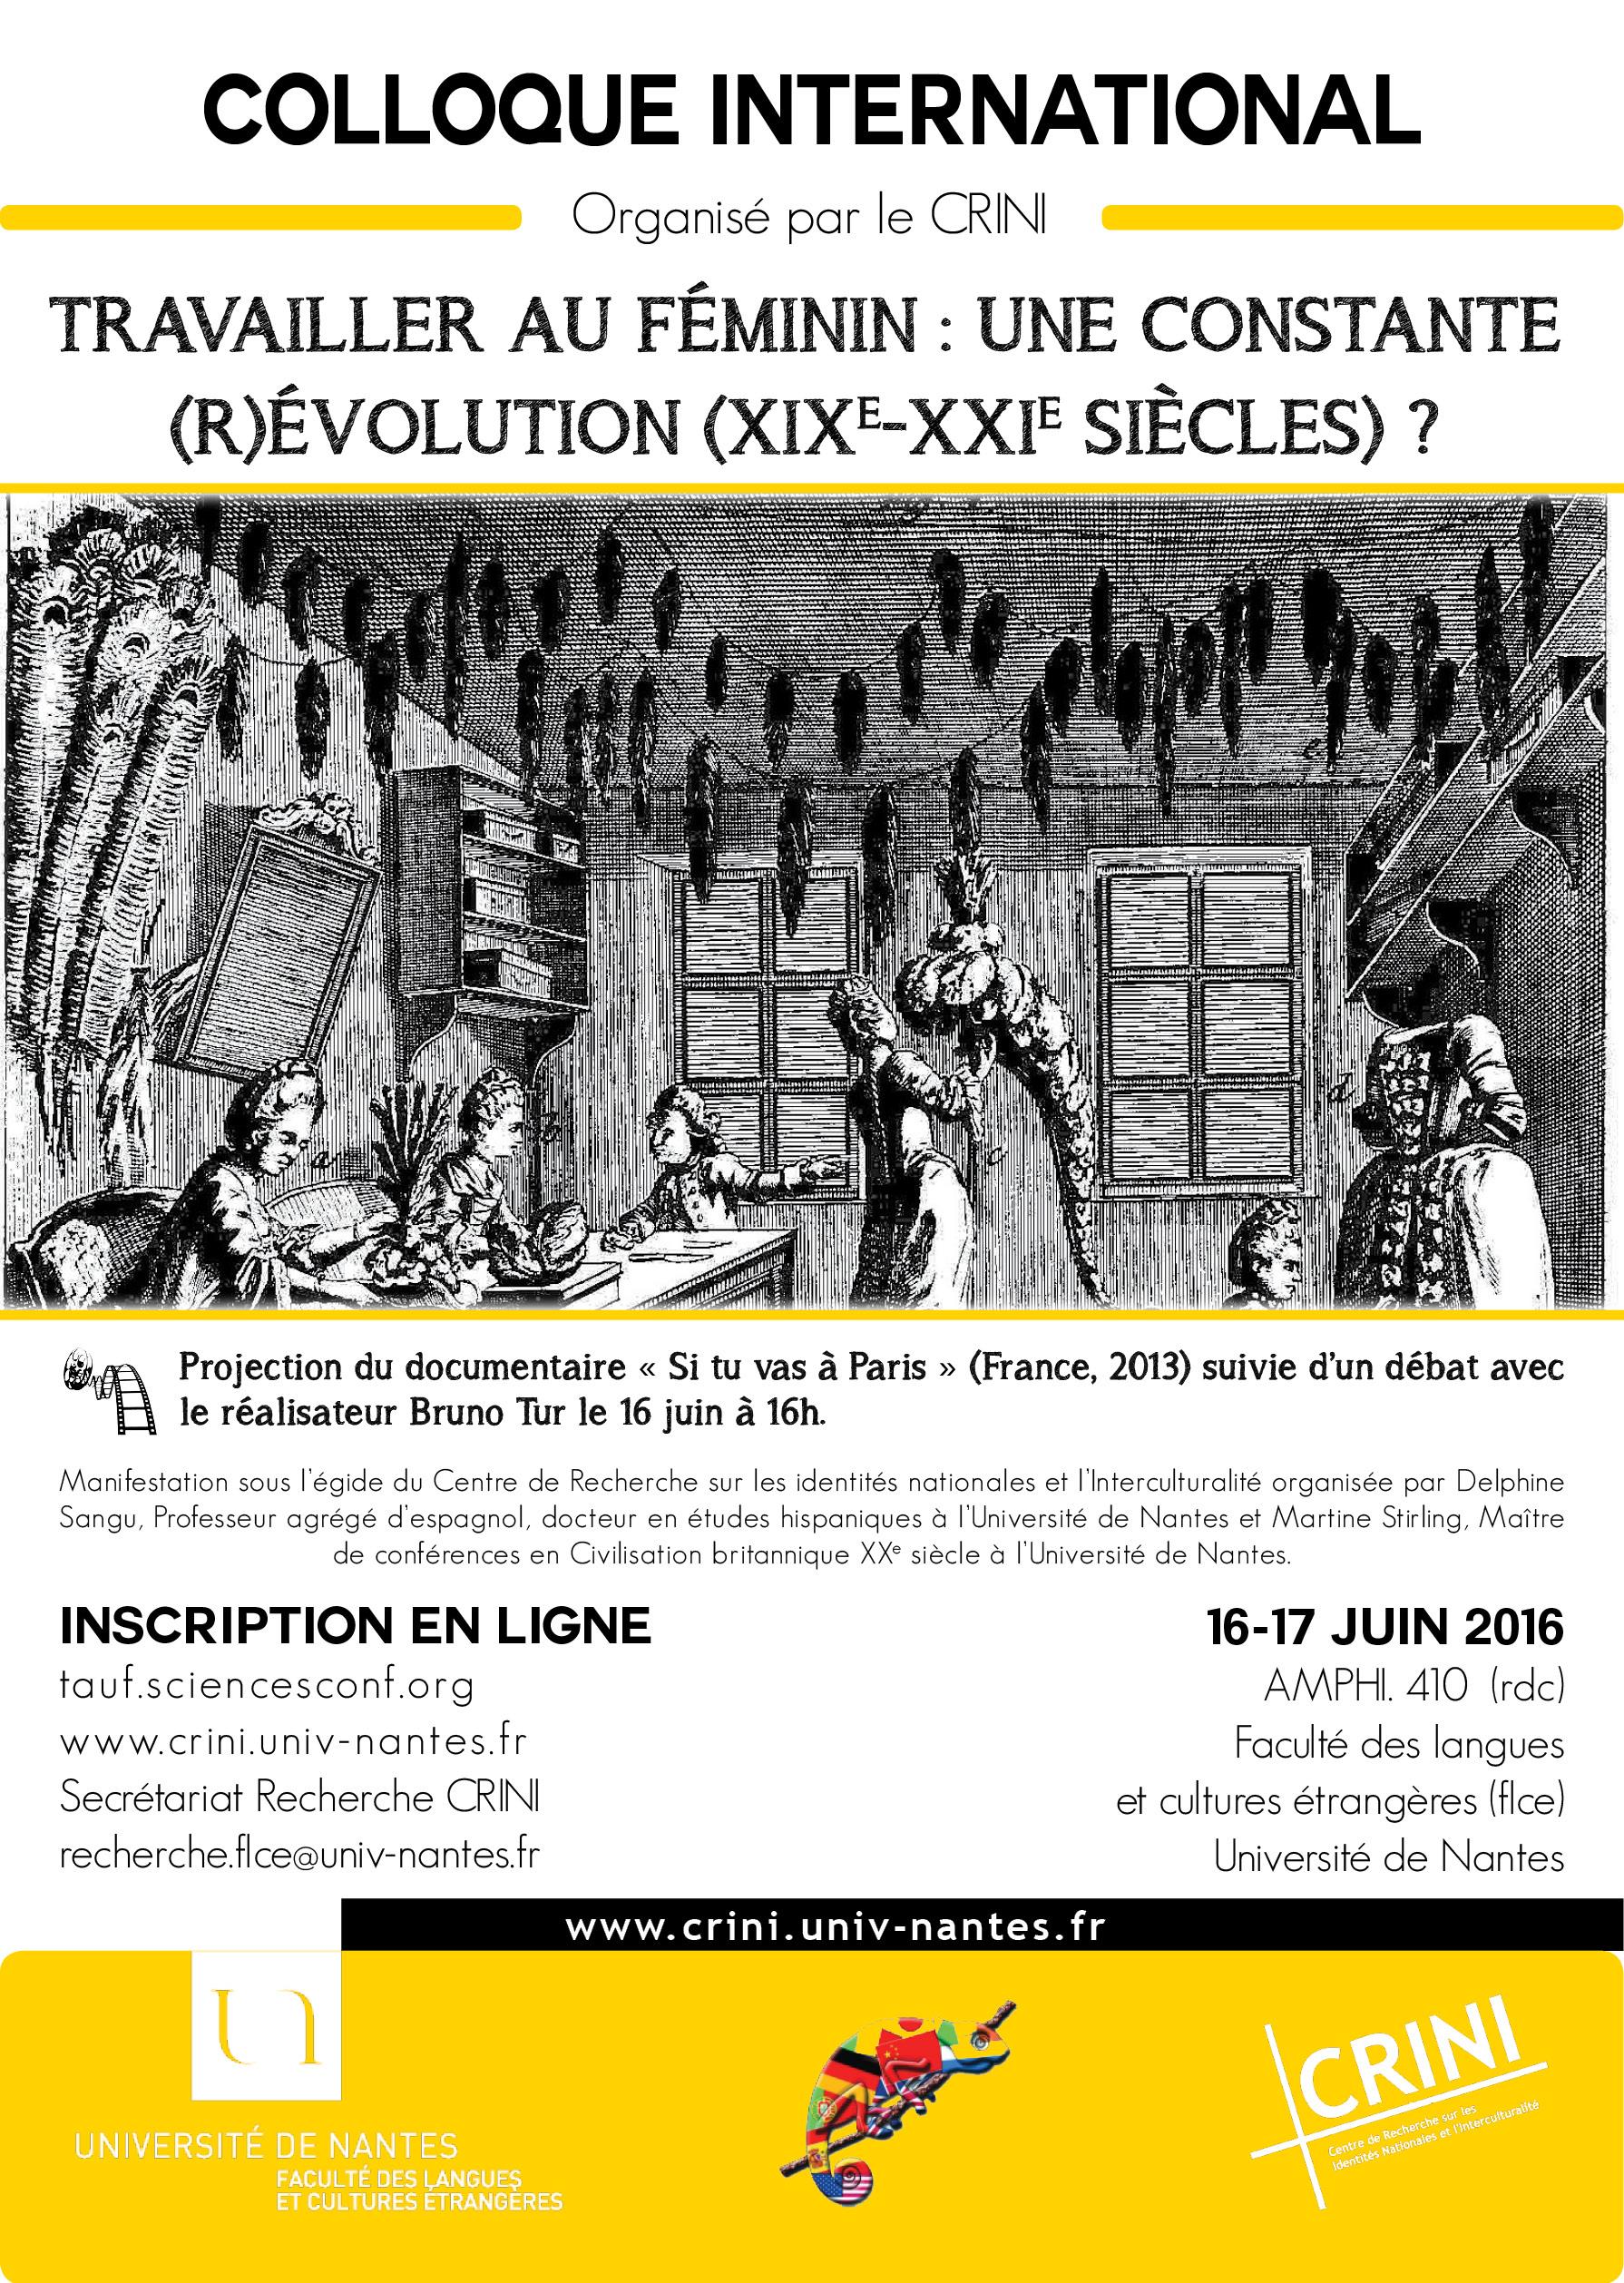 Affiche colloque Travailler au féminin - 16-17 juin 2016